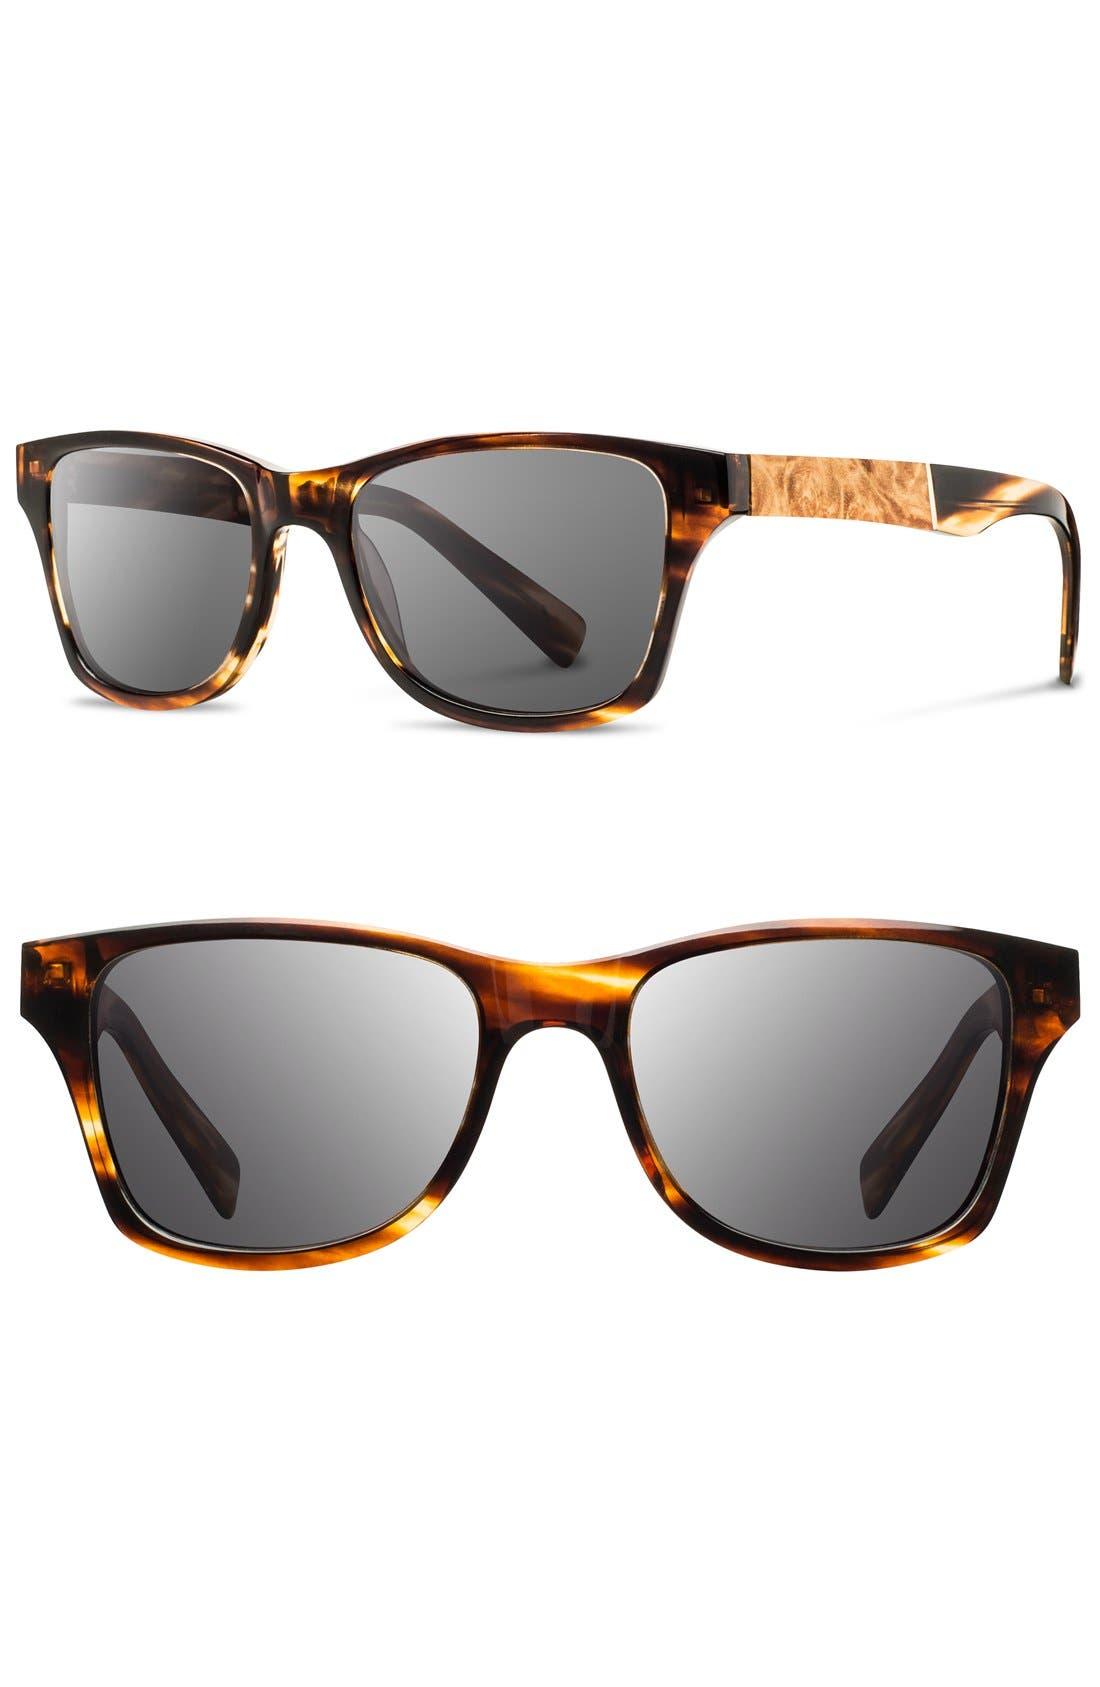 Shwood 'Canby' 53mm Polarized Wood Sunglasses